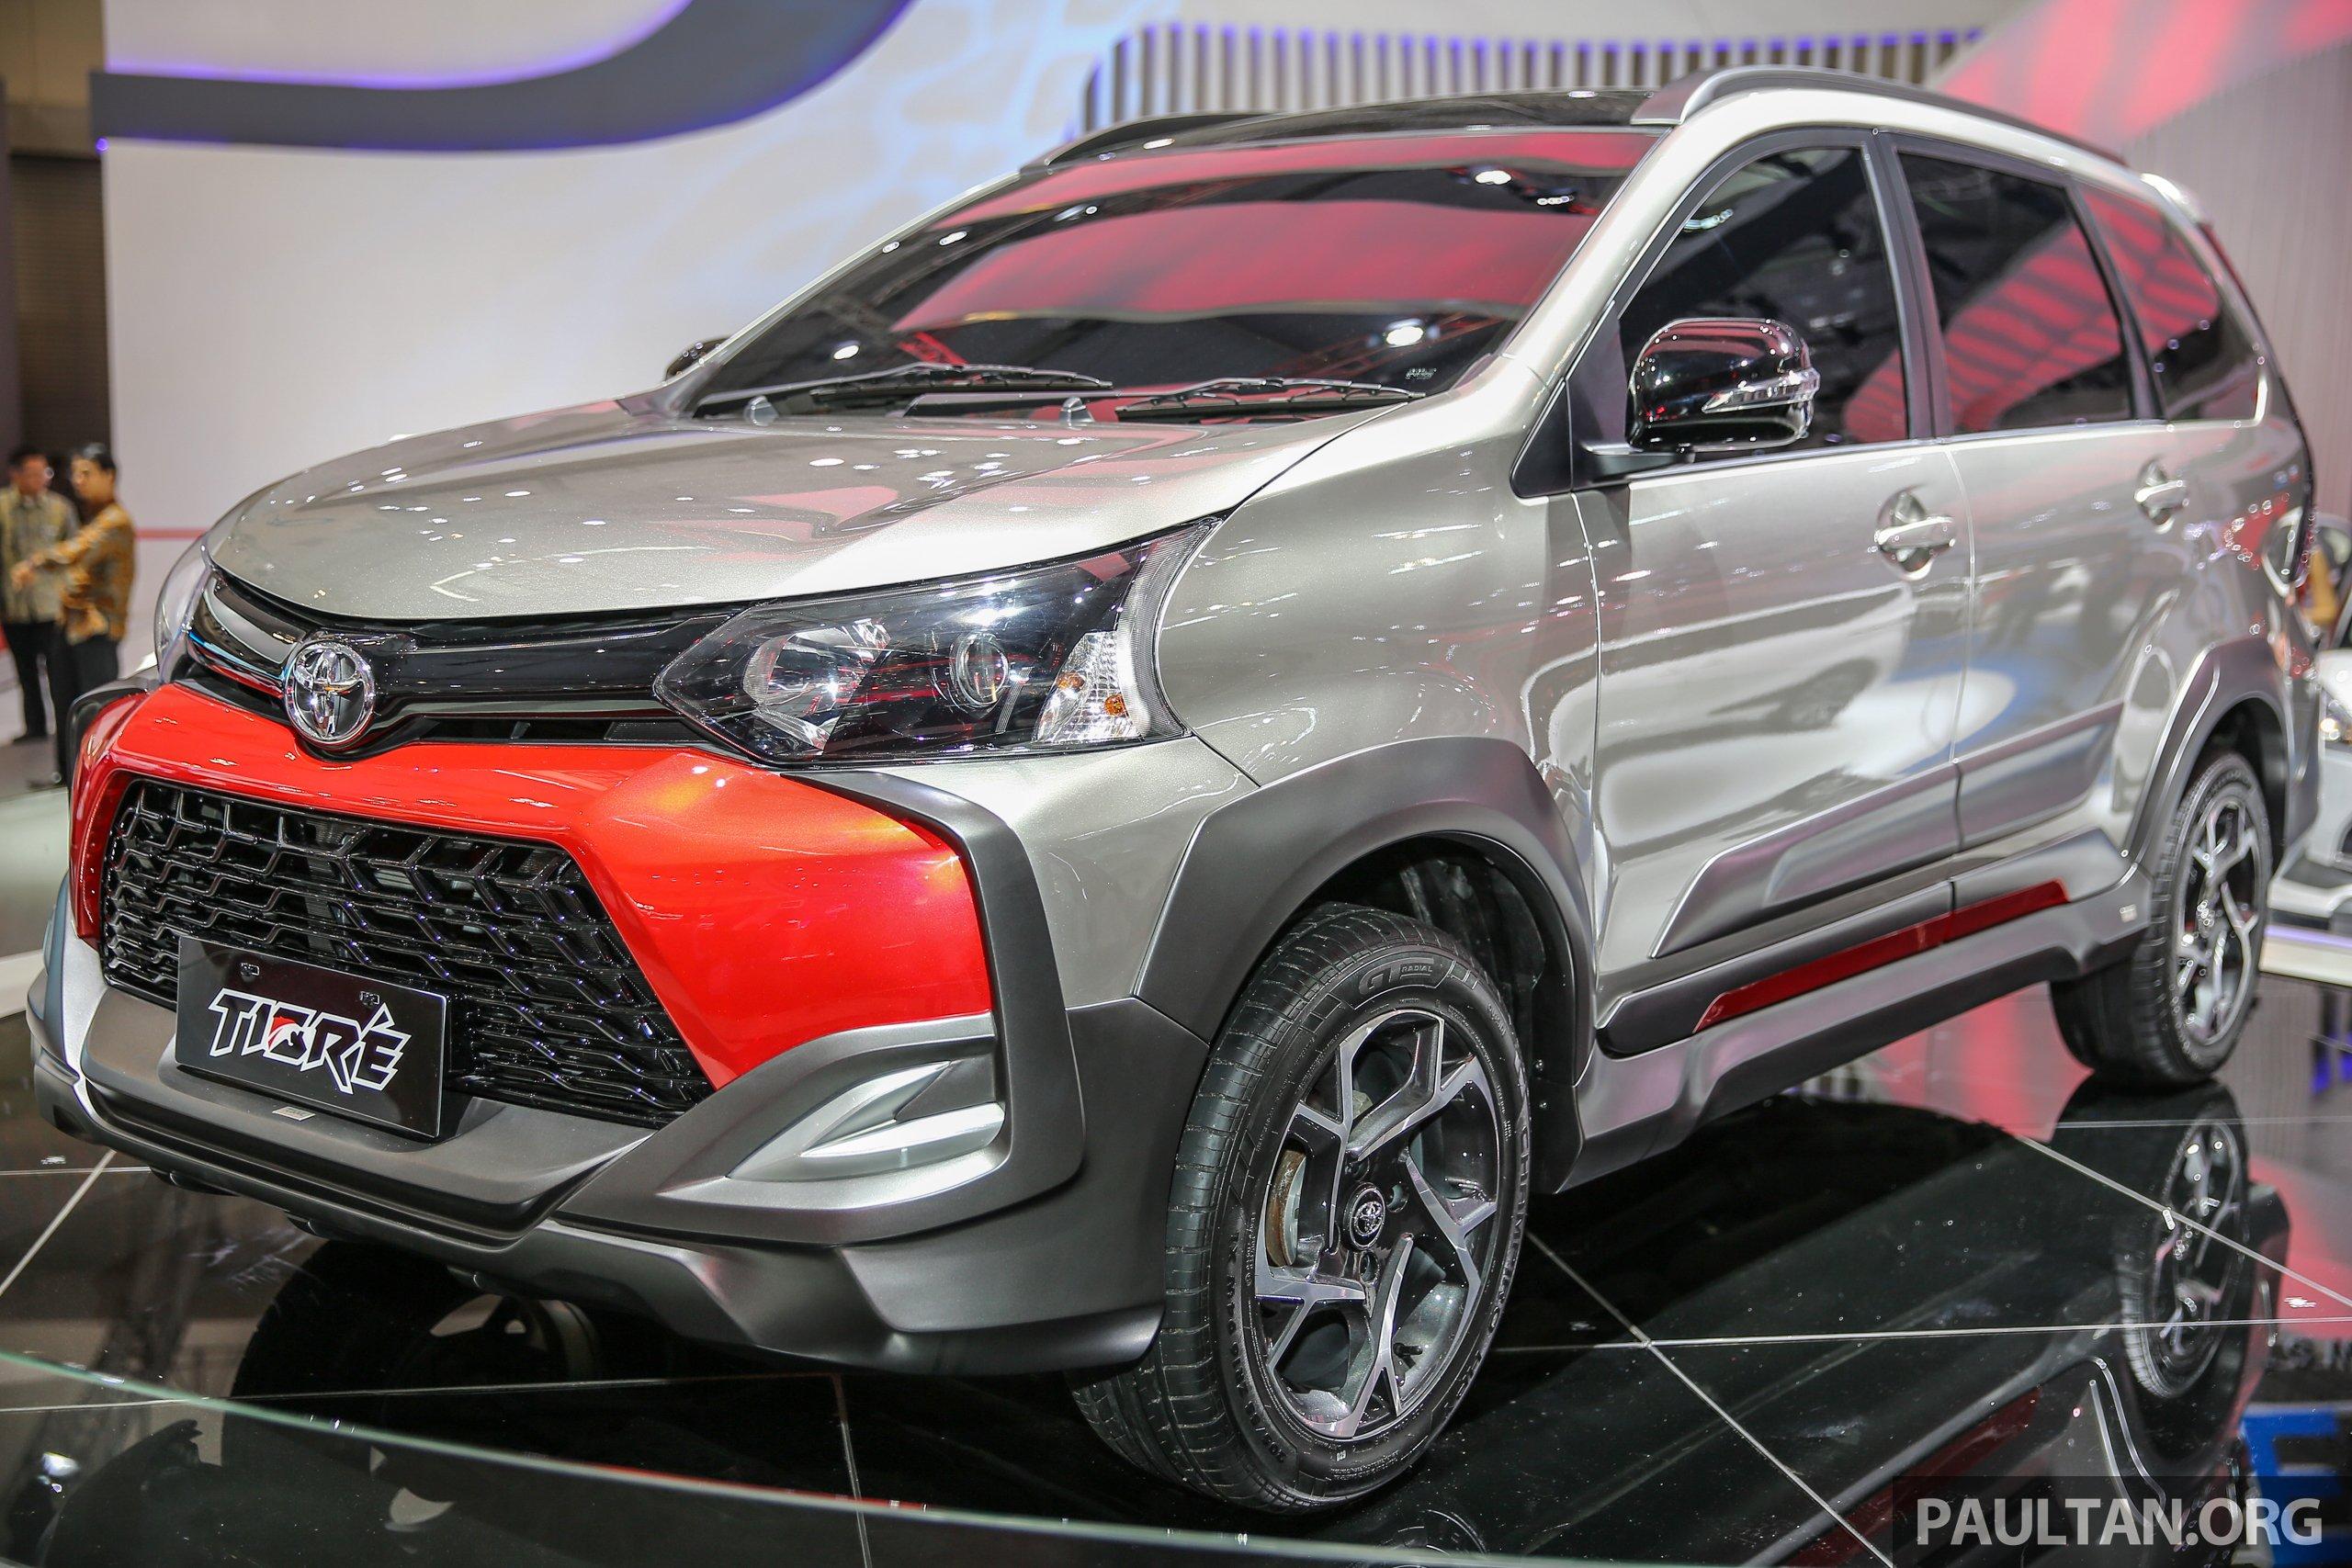 Giias 2016 Toyota Avanza Veloz Tigre Suv Inspired